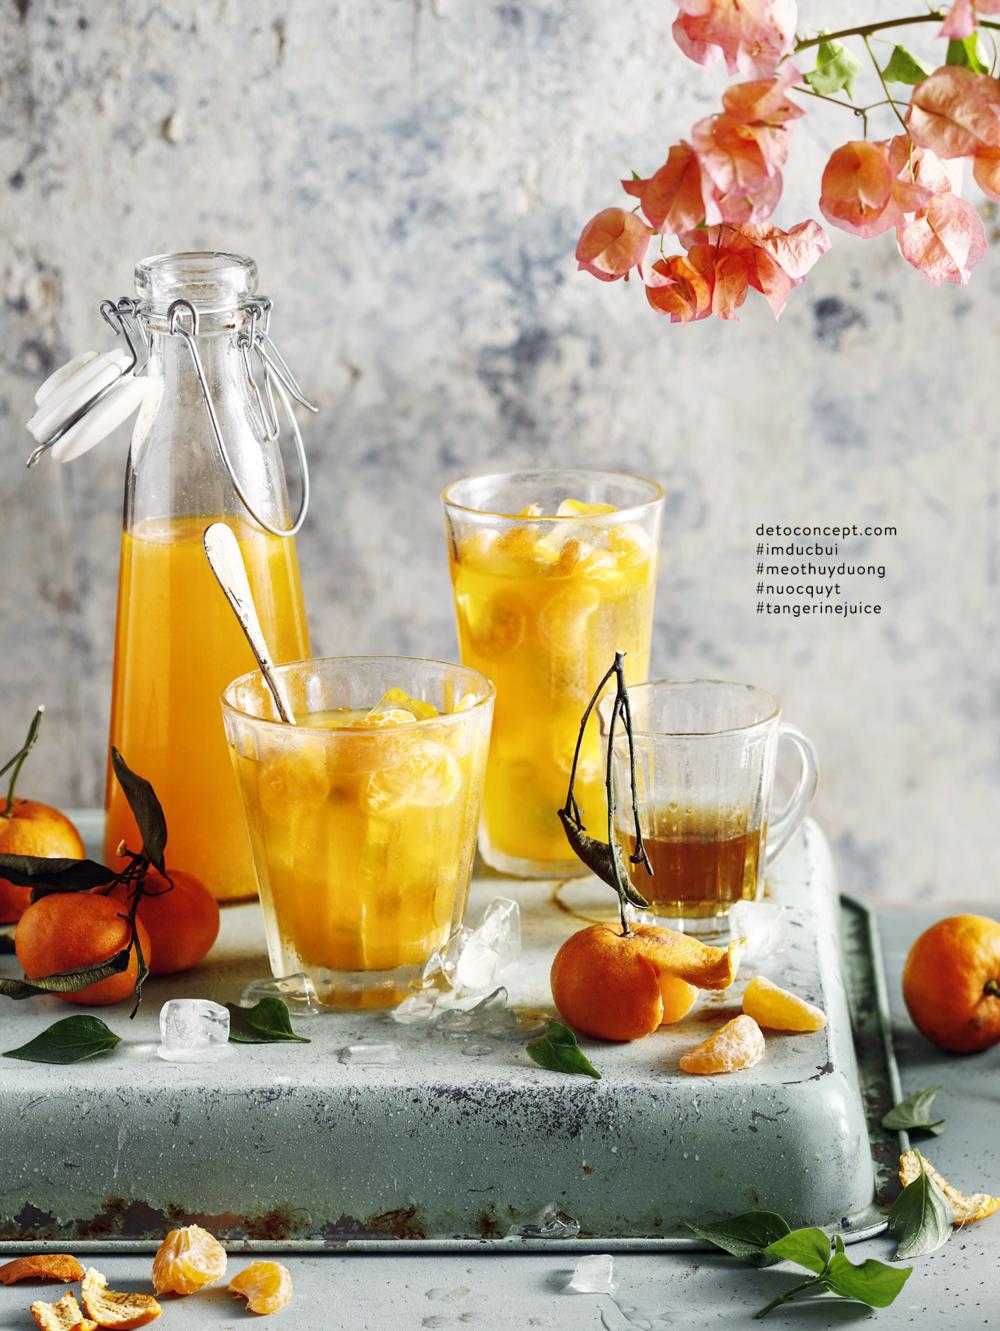 tangerine juice deto concept copy.png